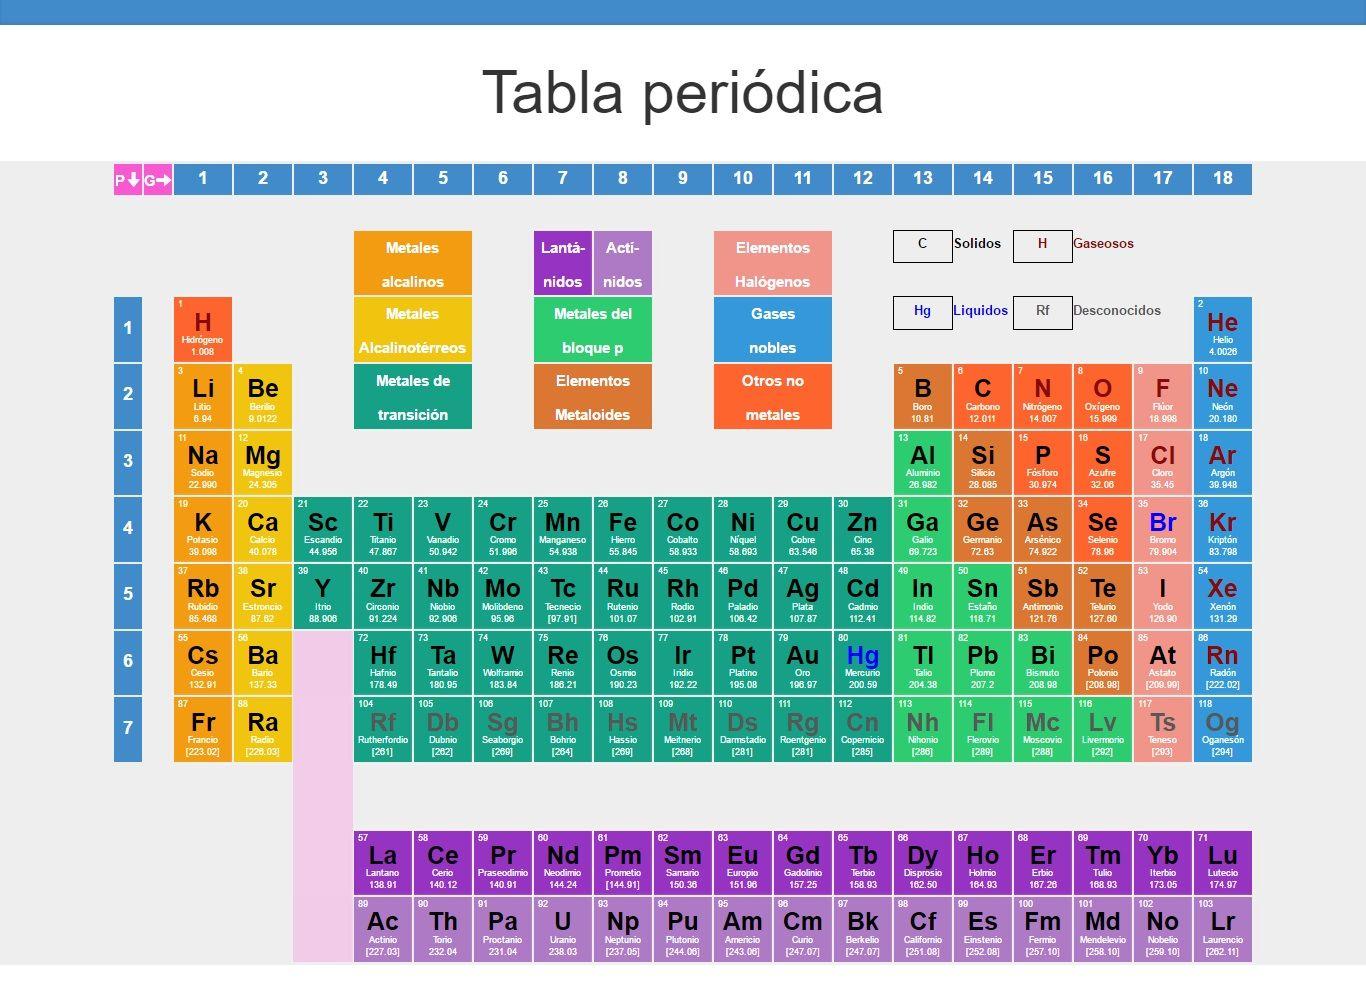 la tabla peridica de los elementos qumicos actualizada - Tabla Periodic Actualizada